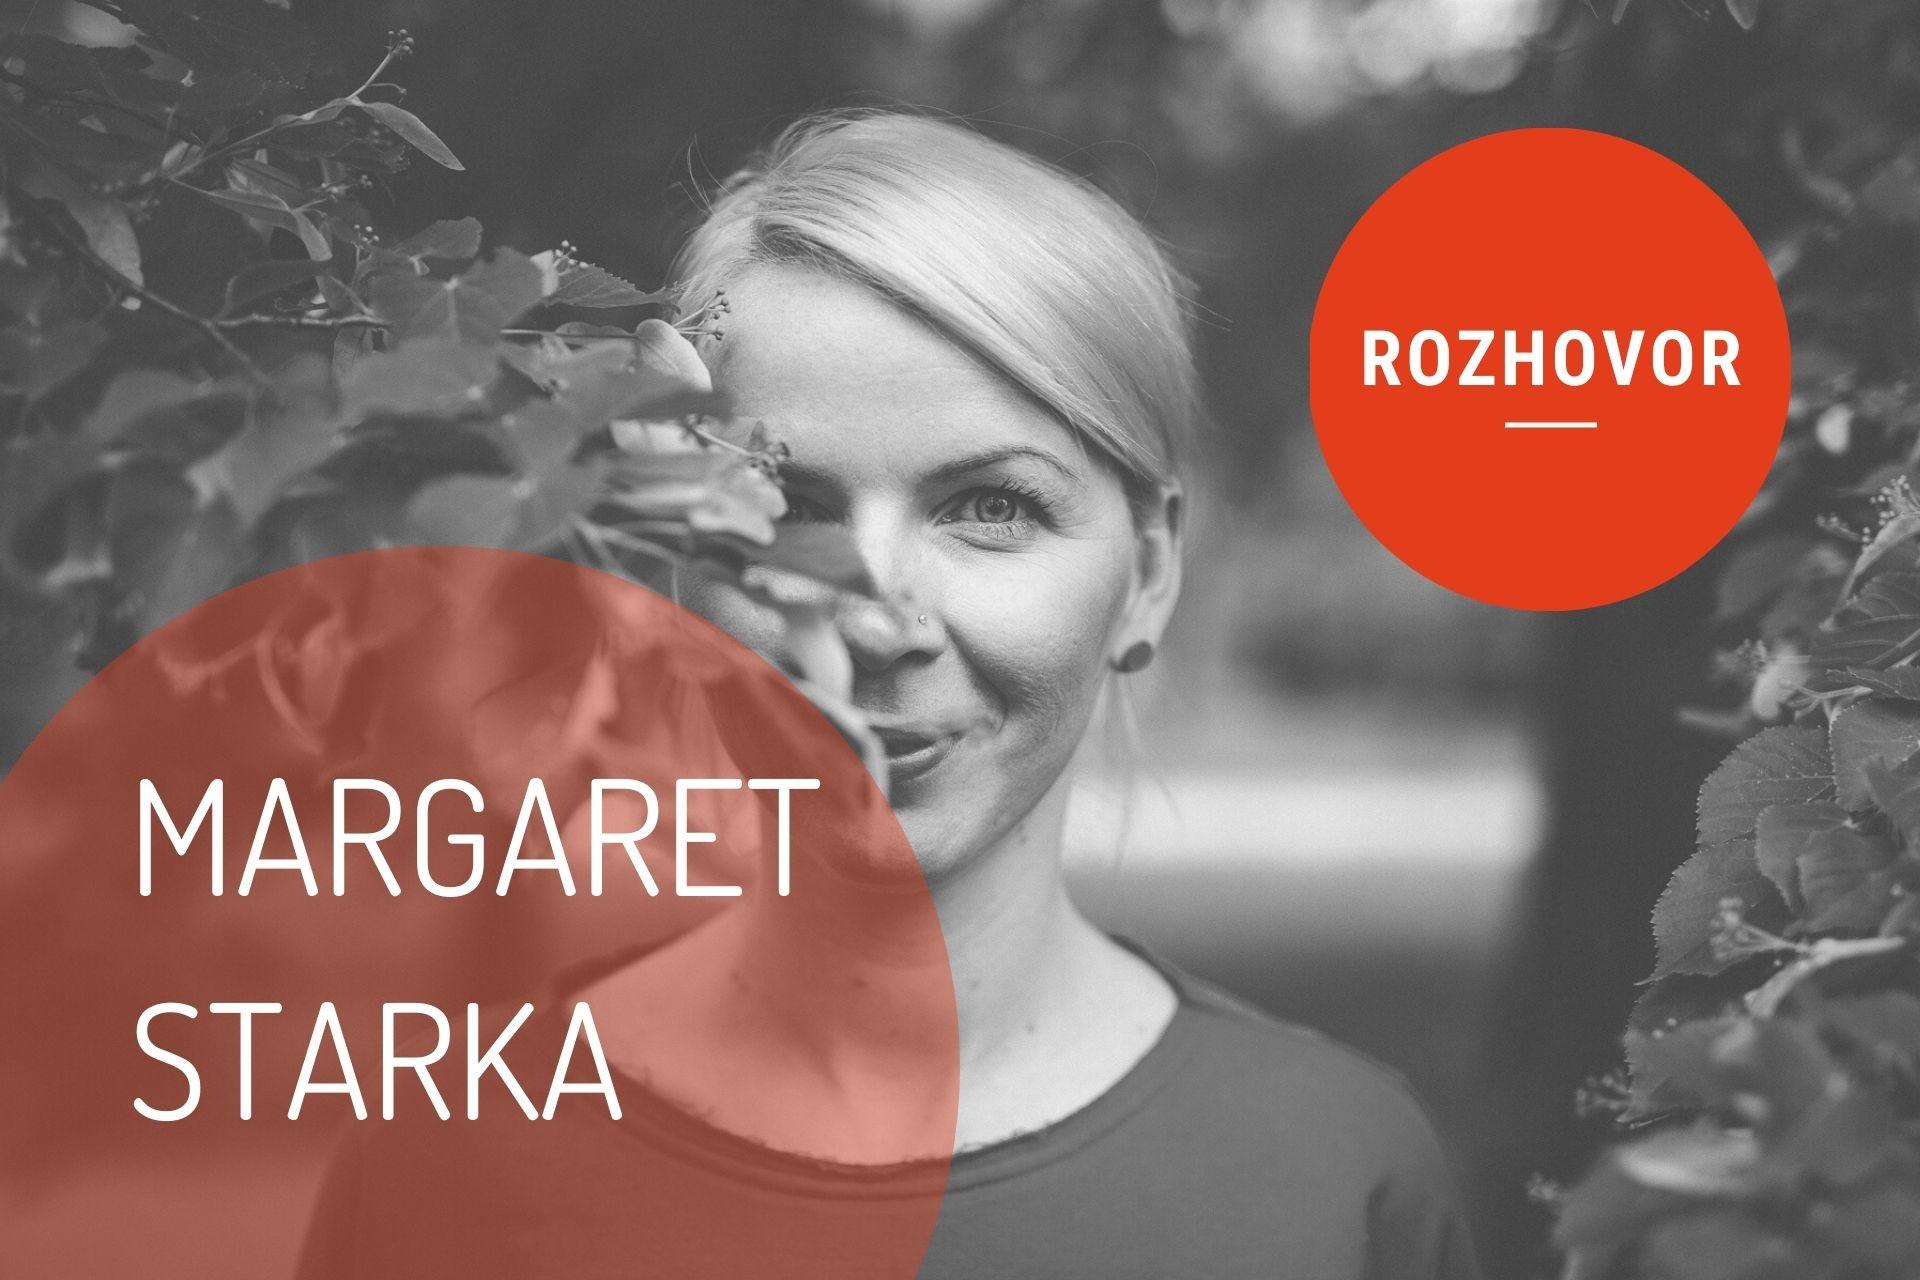 Margaret Starka